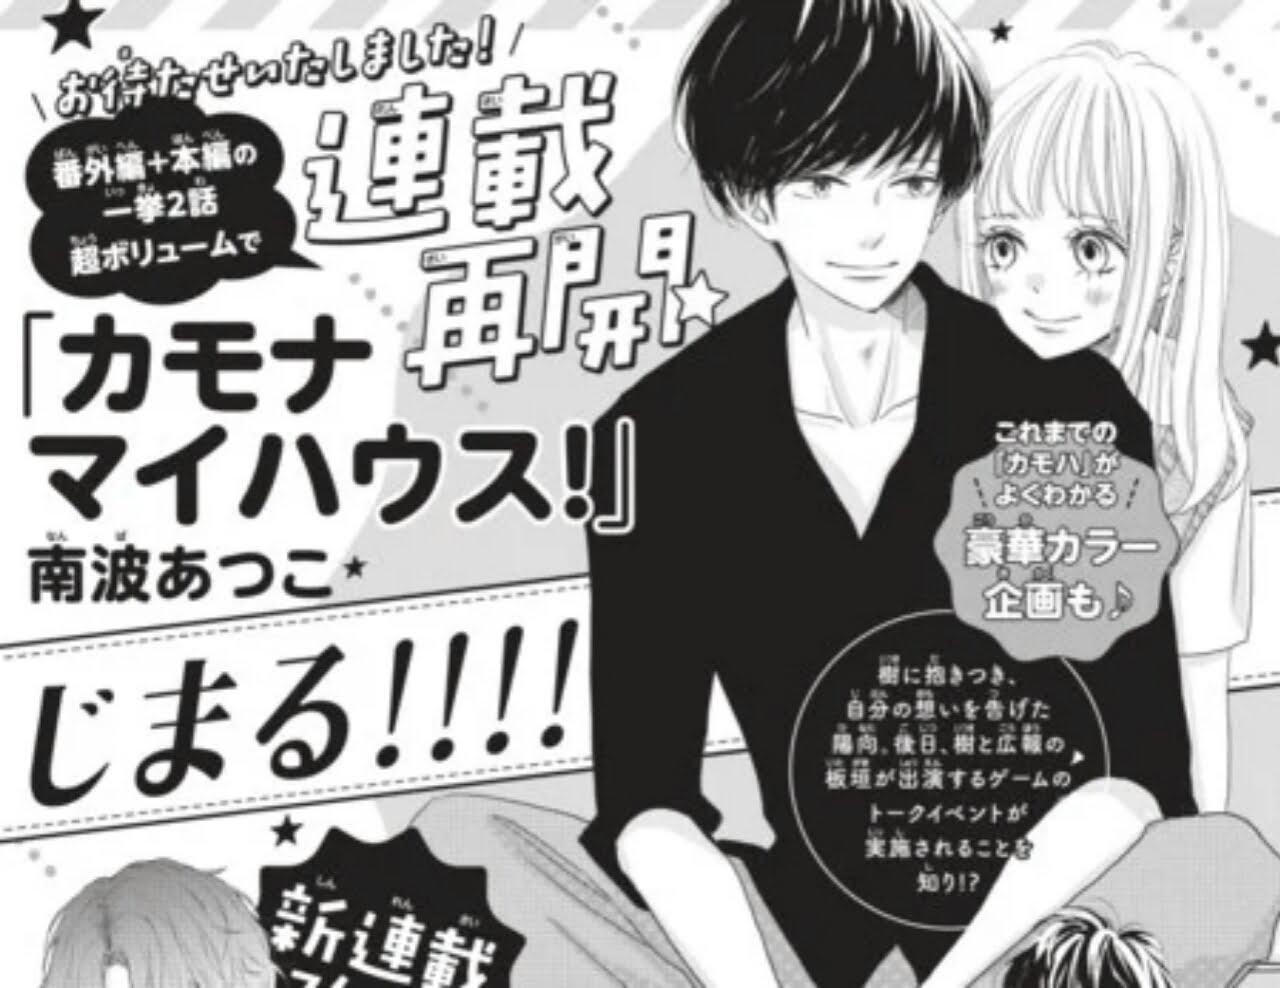 Manga Come on-a My House Karya Atsuko Nanba Kembali Dari Hiatus 1